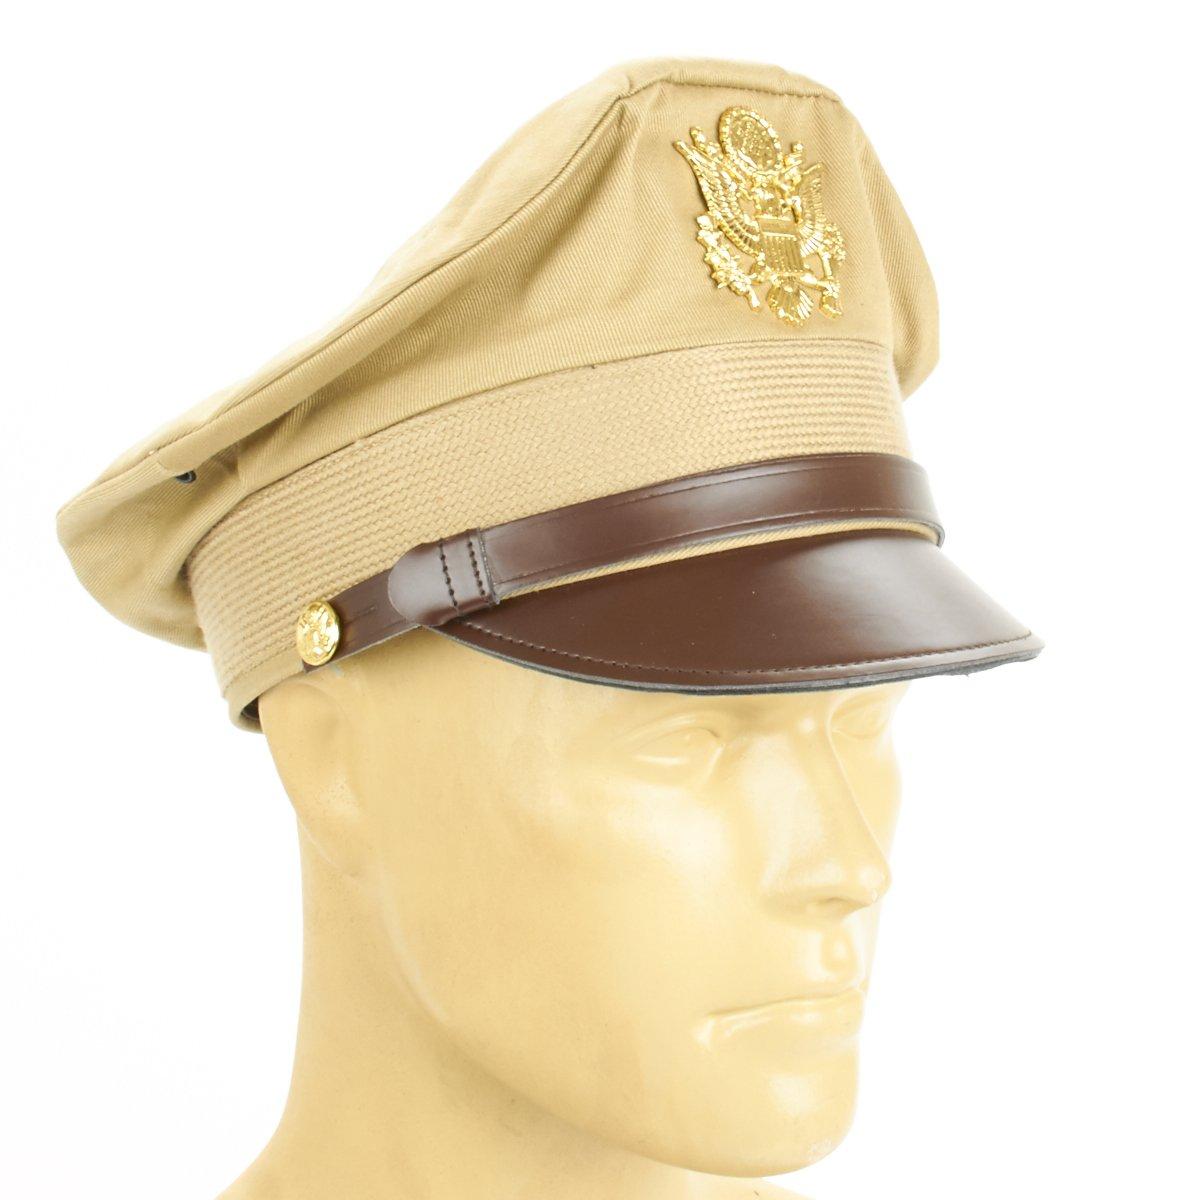 U.S. WWII Officer Visor Crusher Cap: Summer (Khaki) - Size US 7 3/4 (62 cm)